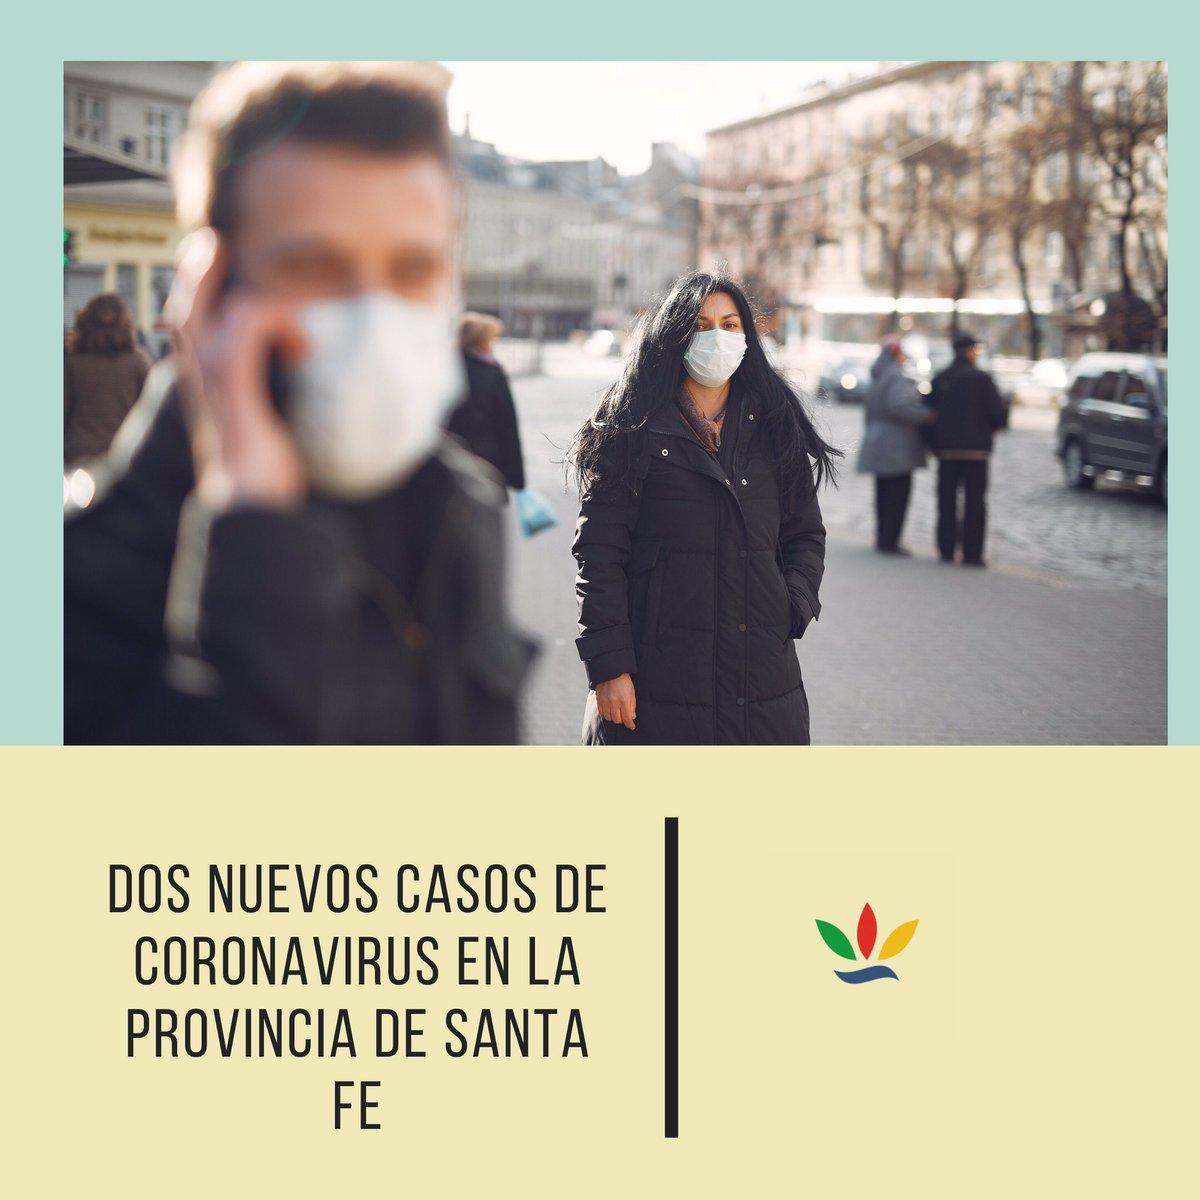 #Covid19 #SantaFe desde el Min de Salud de la provincia informaron q ambos son pacientes con domicilio en la ciudad de Rosario. Uno reside en la localidad del sur provincial y tuvo en contacto con un caso positivo. Mientras q el otro se encuentra en estudio en la ciudad de #BsAs pic.twitter.com/6ksWzbmUdf